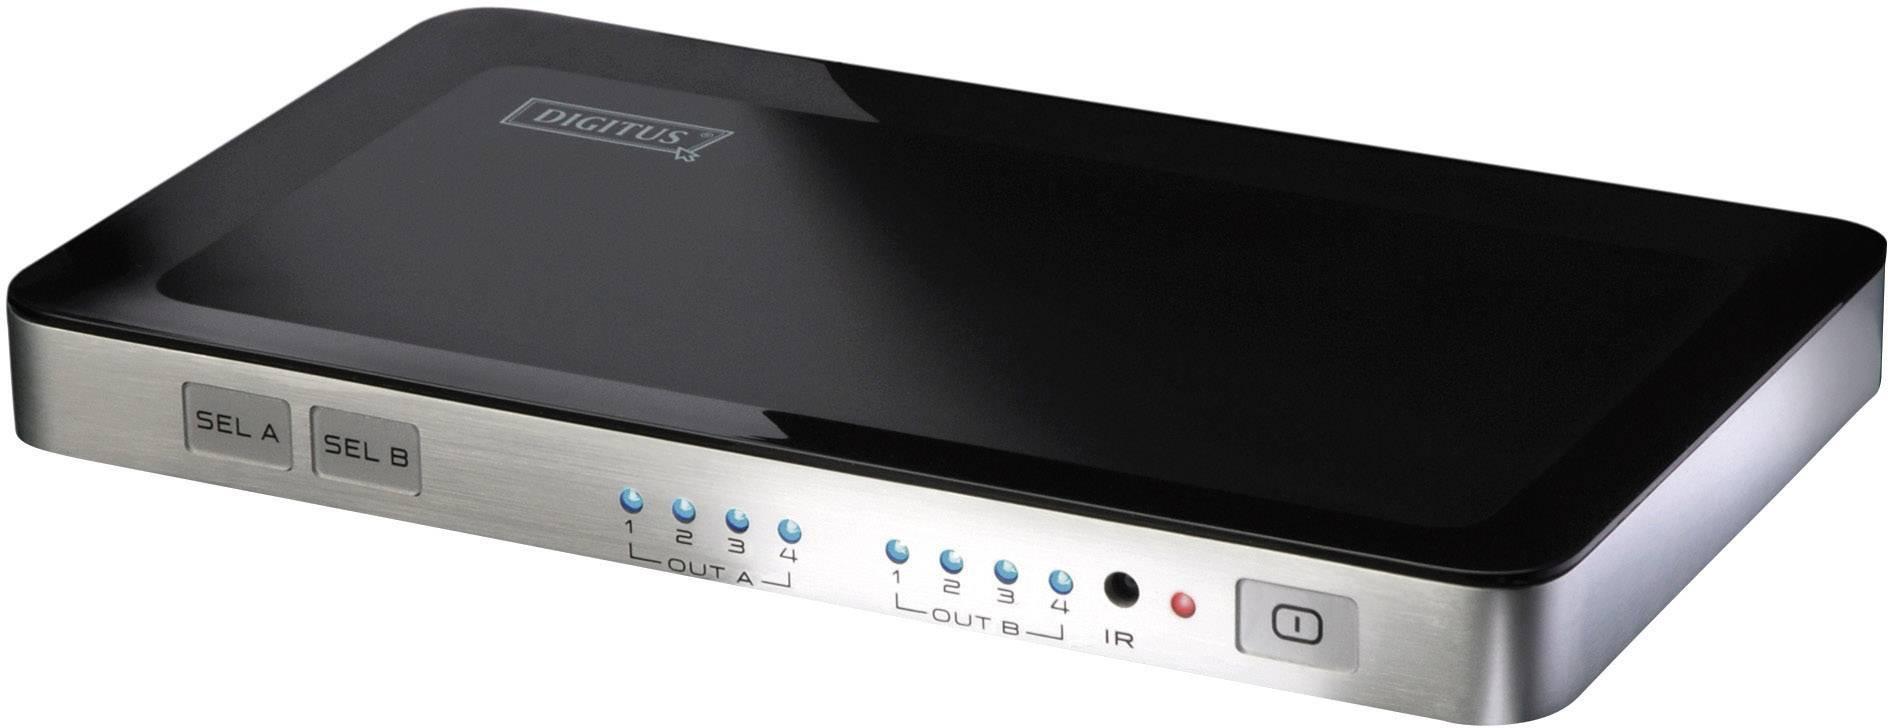 HDMI matrix přepínač Digitus DS-48300, 4 porty, s dálkovým ovládáním